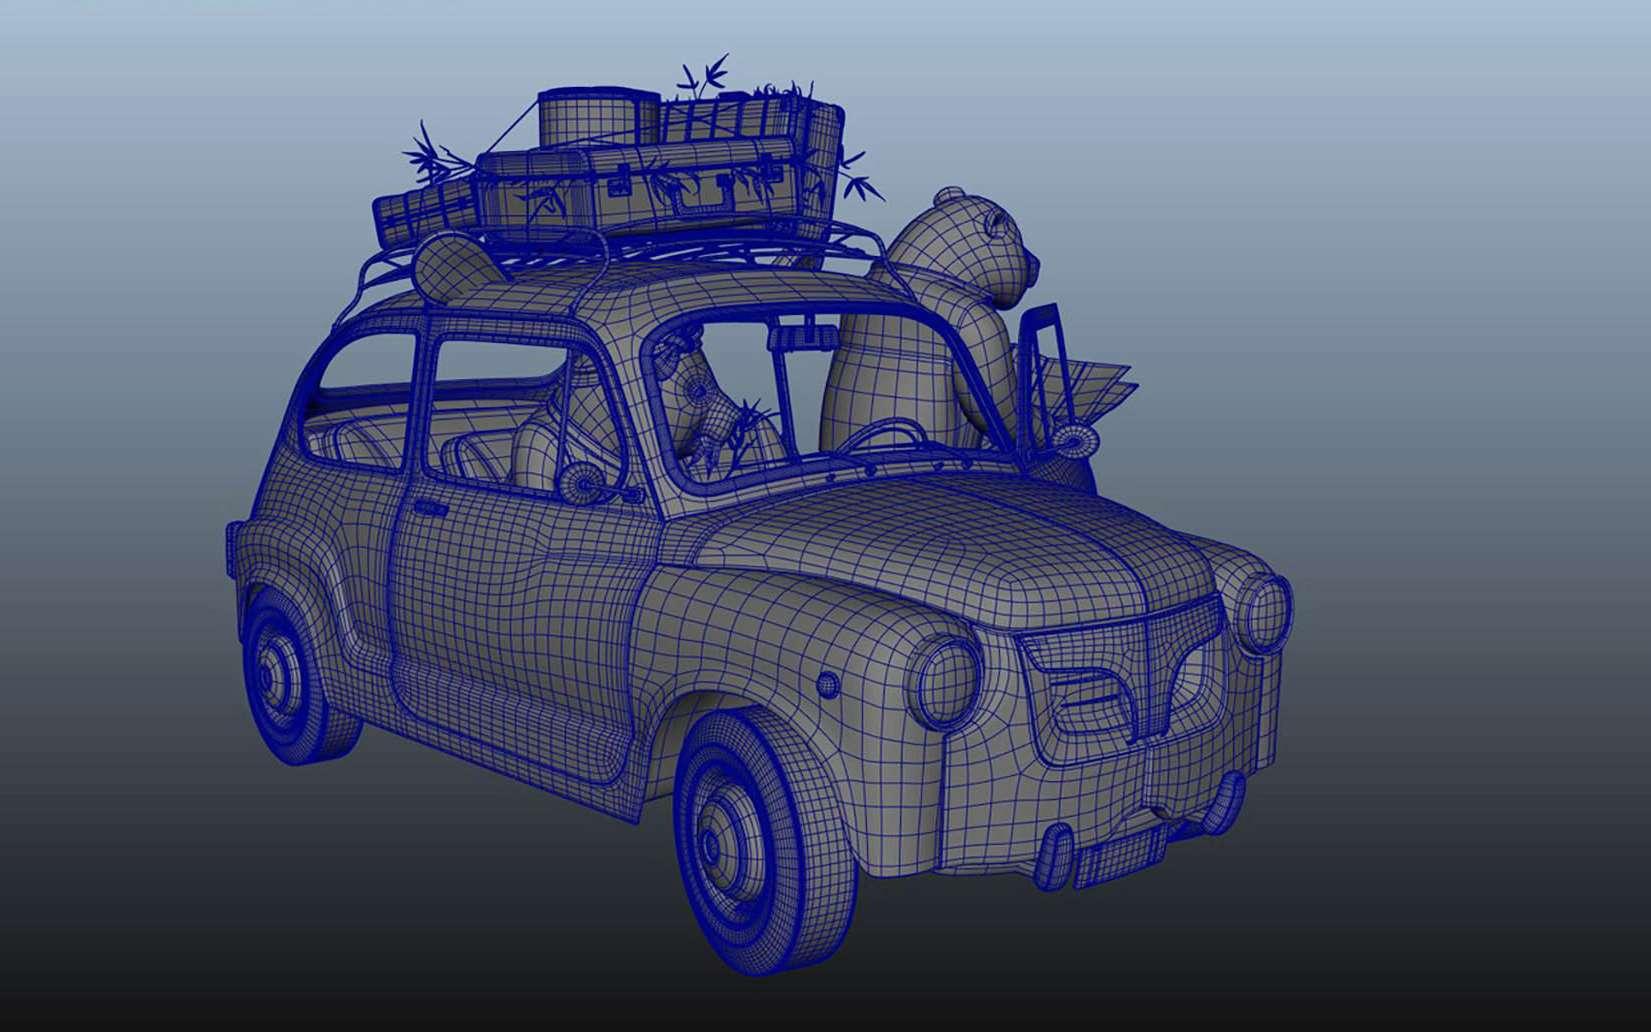 Le making-of de la P4ND4. Au départ, une grille, un maillage en 3D. Tout commence avec une matrice de points, des pixels en 3D qu'on appelle des voxels. La 3D permet de voir en trois dimensions, en hauteur, en largeur et en profondeur, de représenter la réalité telle que nous le voyons. La peinture, au Moyen Âge, ne connaît pas la perspective fuyante ni la représentation du volume ; la réalité est vue sur le même plan, à plat.Making of de la transformation d'une voiture. © Frédéric Müller, tous droits réservés